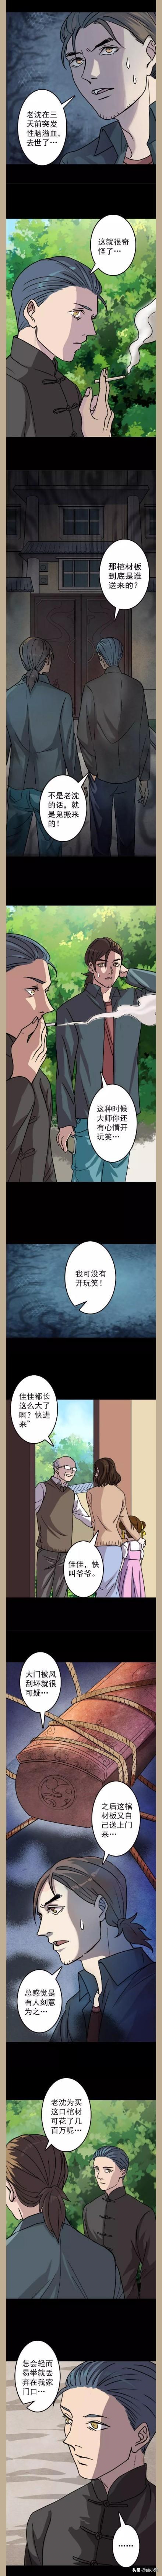 恐怖悬疑惊悚盗墓漫画小说《凶棺》连载-第18章:棺材门是谁送来的?